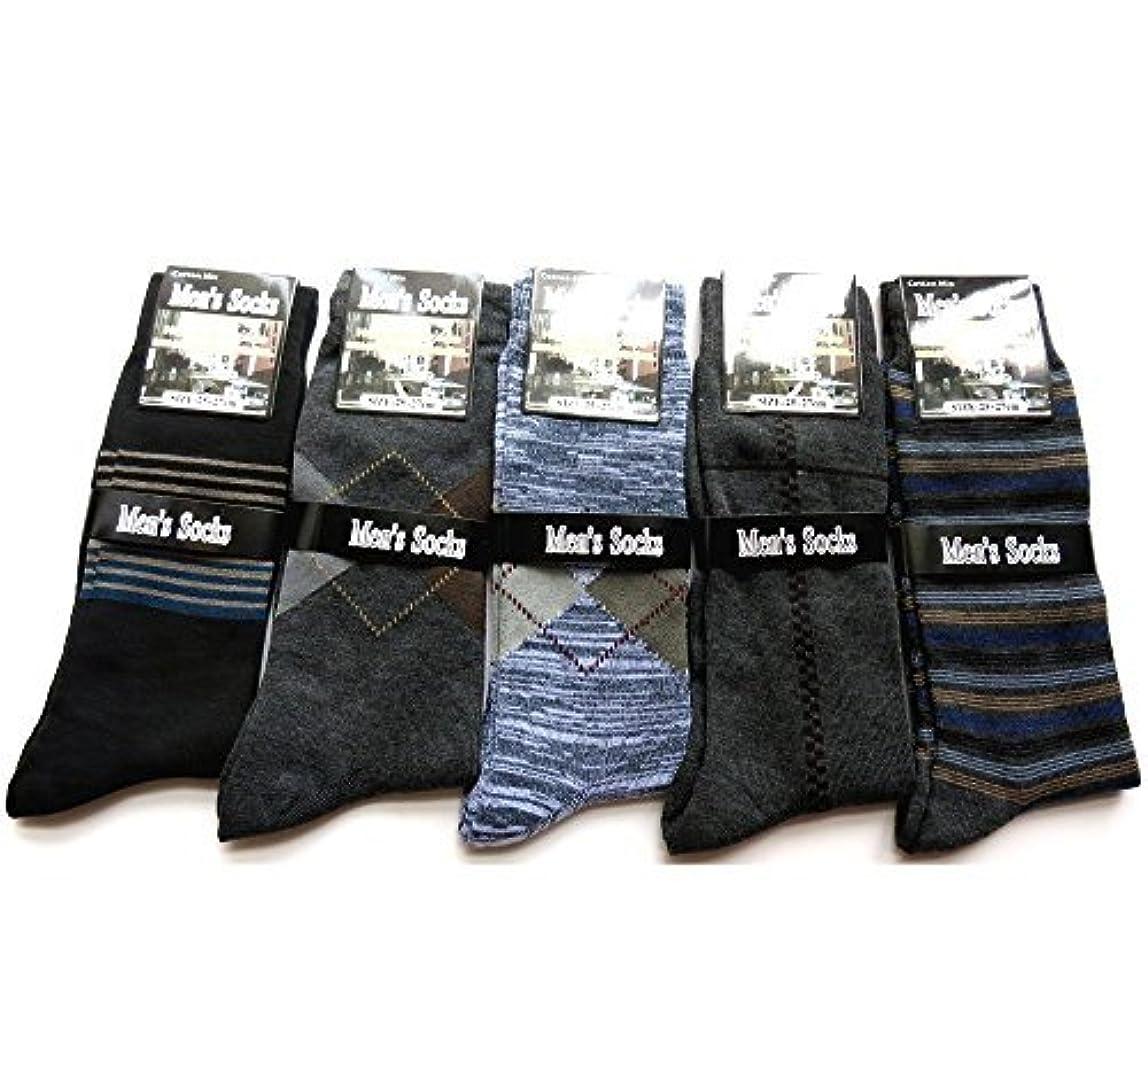 反映するレギュラーブリーク紳士 ビジネスソックス カジュアル ソックス メンズ 靴下 メンズ 25-27cm 5足セット(柄はお任せ)